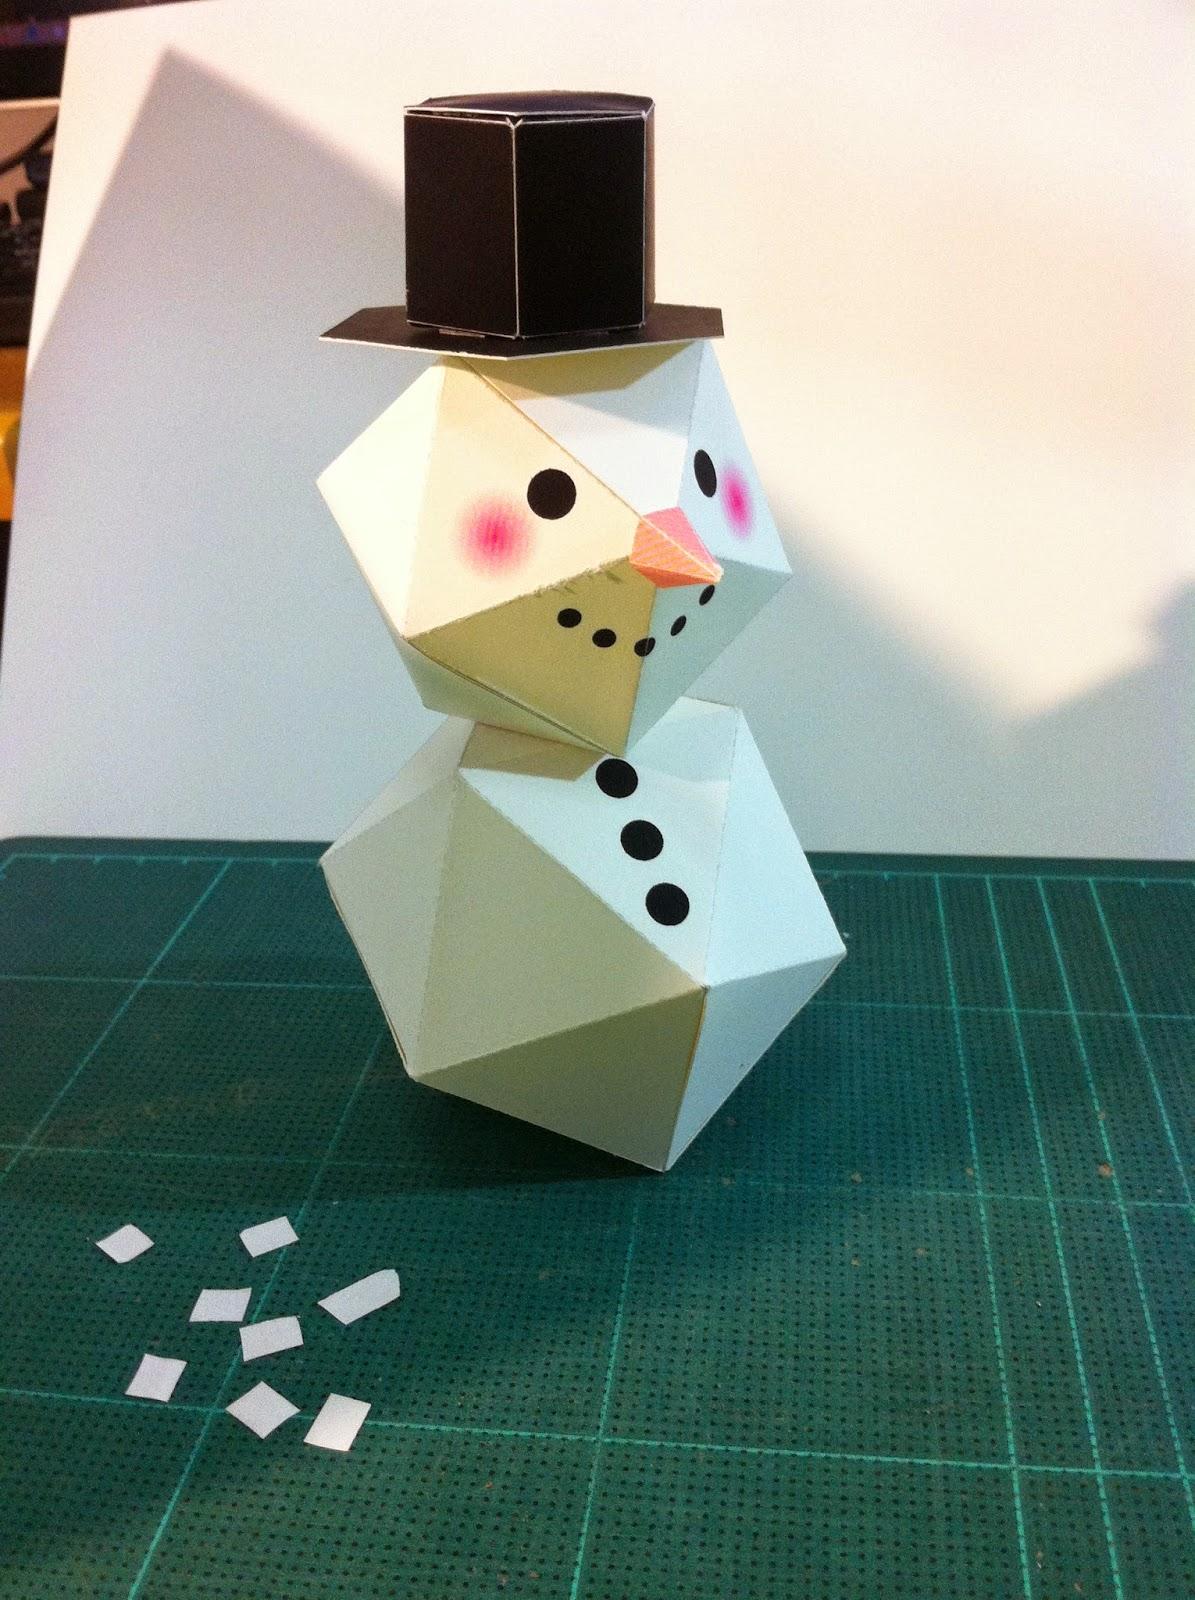 งานประดิษฐ์พับตุ๊กตาหิมะด้วยตนเองง่ายๆ